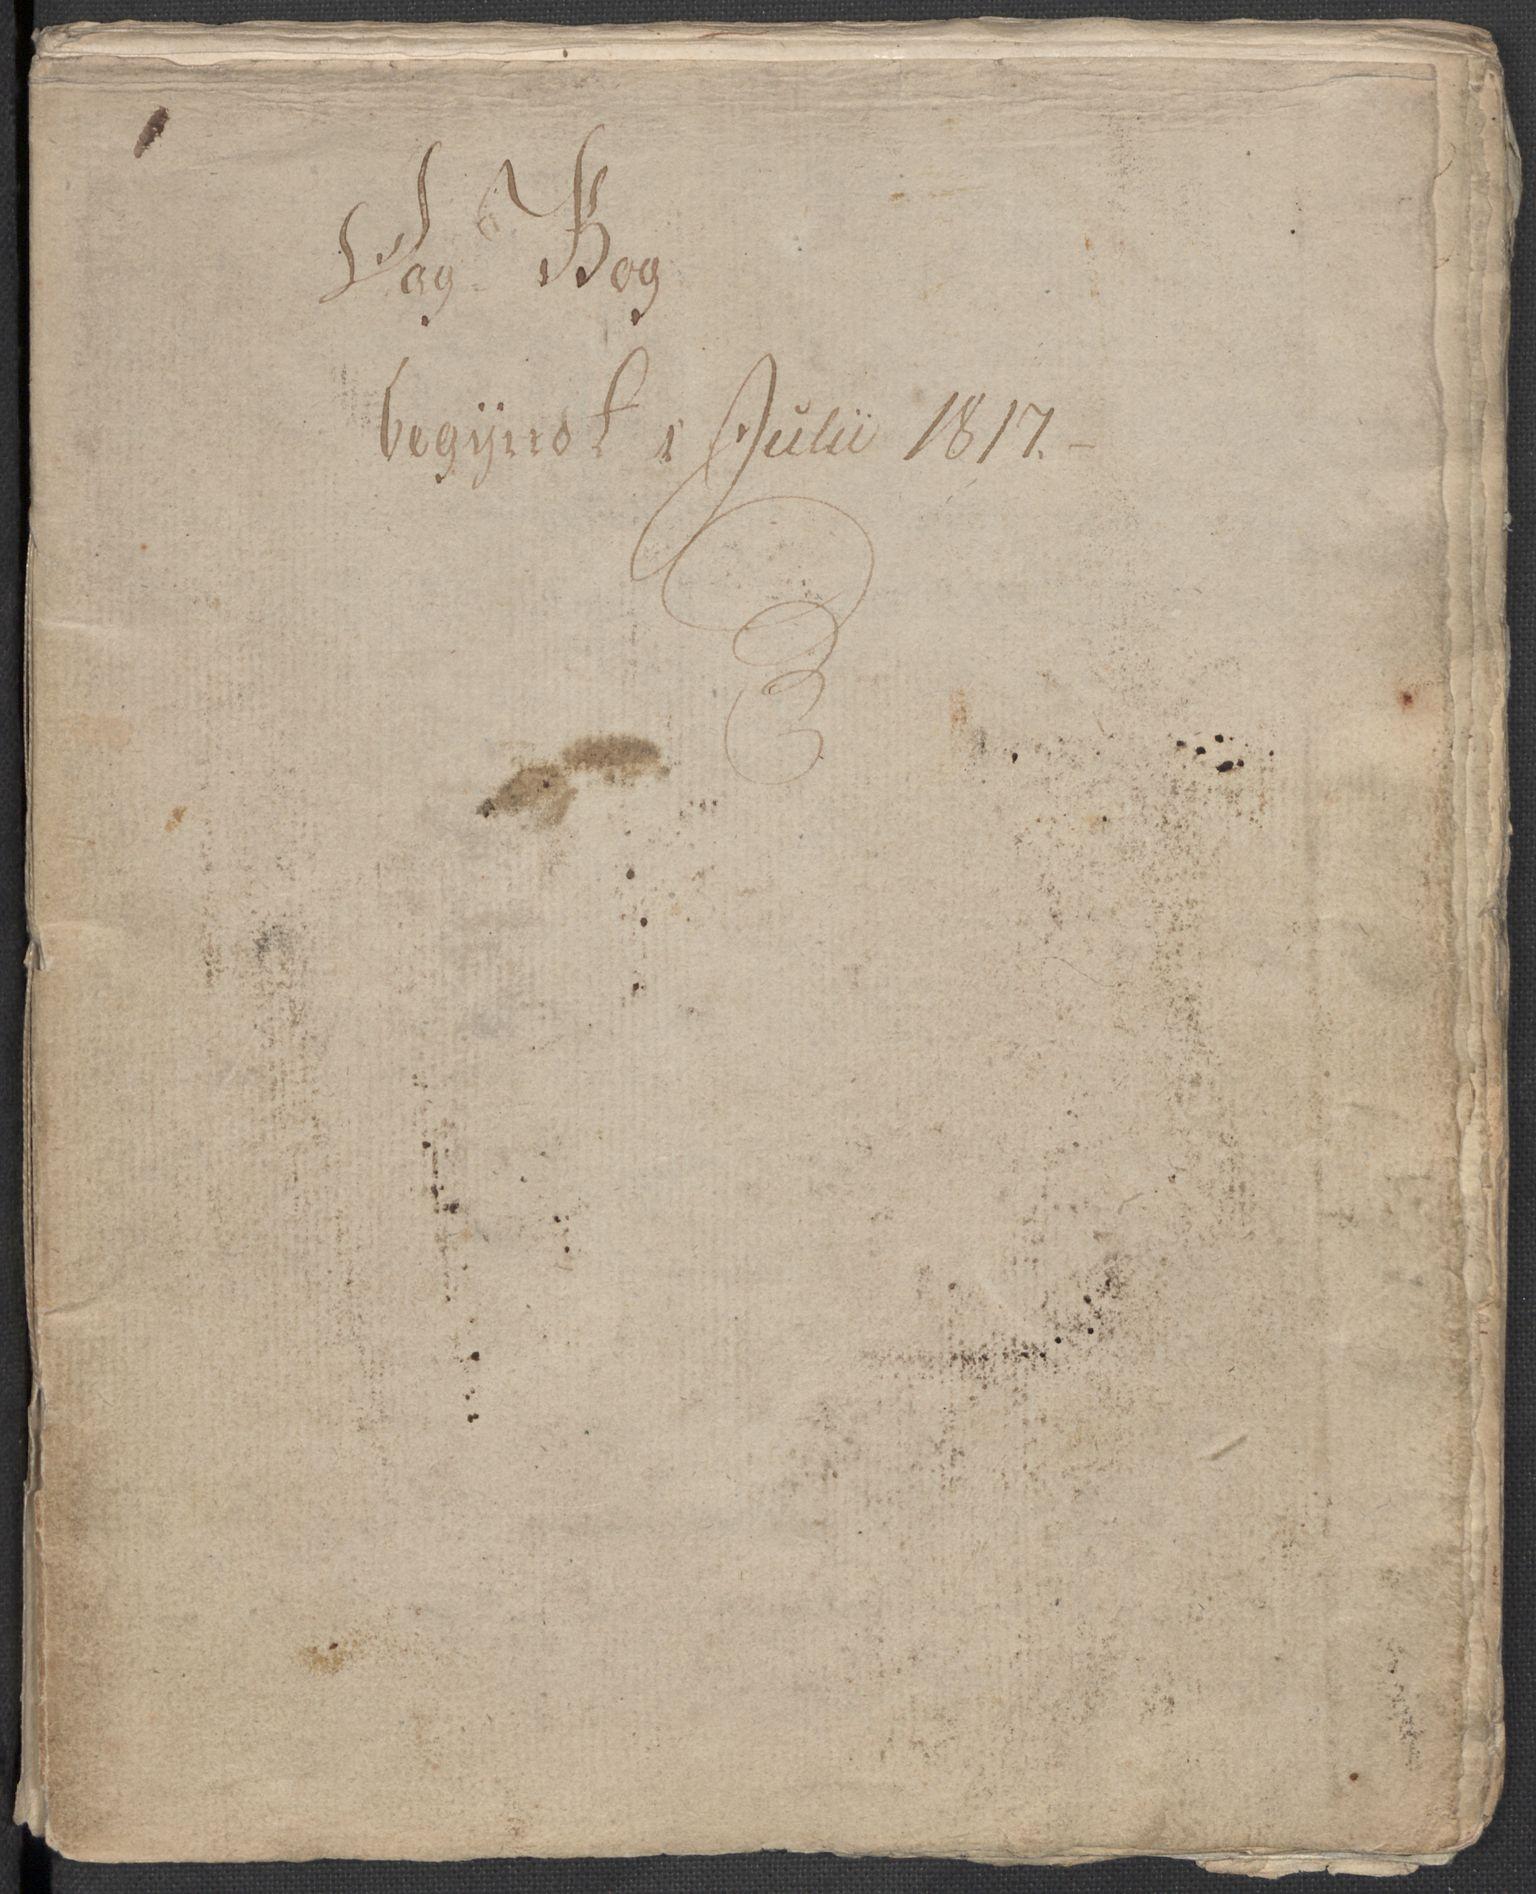 RA, Holck, Meidell, Hartvig, F/L0001: (Kassett) Dagbøker ført av Ole Elias v.Holck, 1798-1842, s. 398